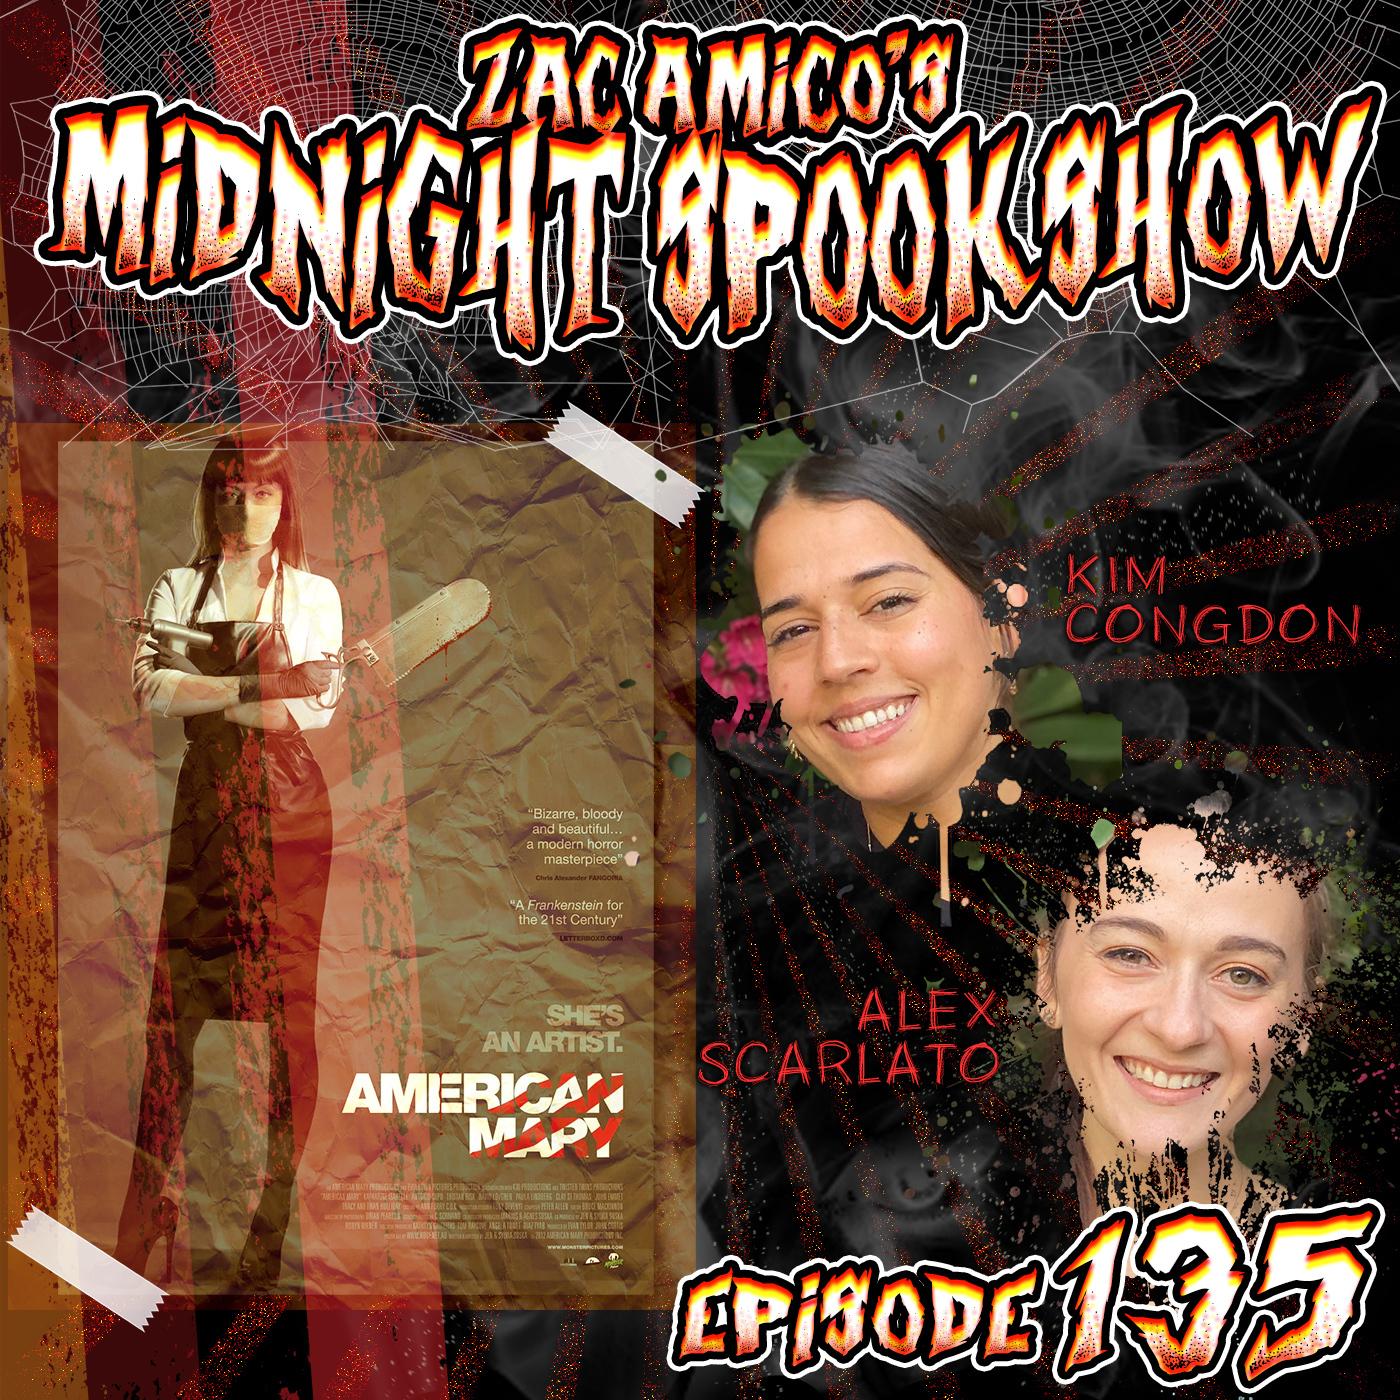 Kim Congdon & Alex Scarlato - American Mary - ZAMSS #135